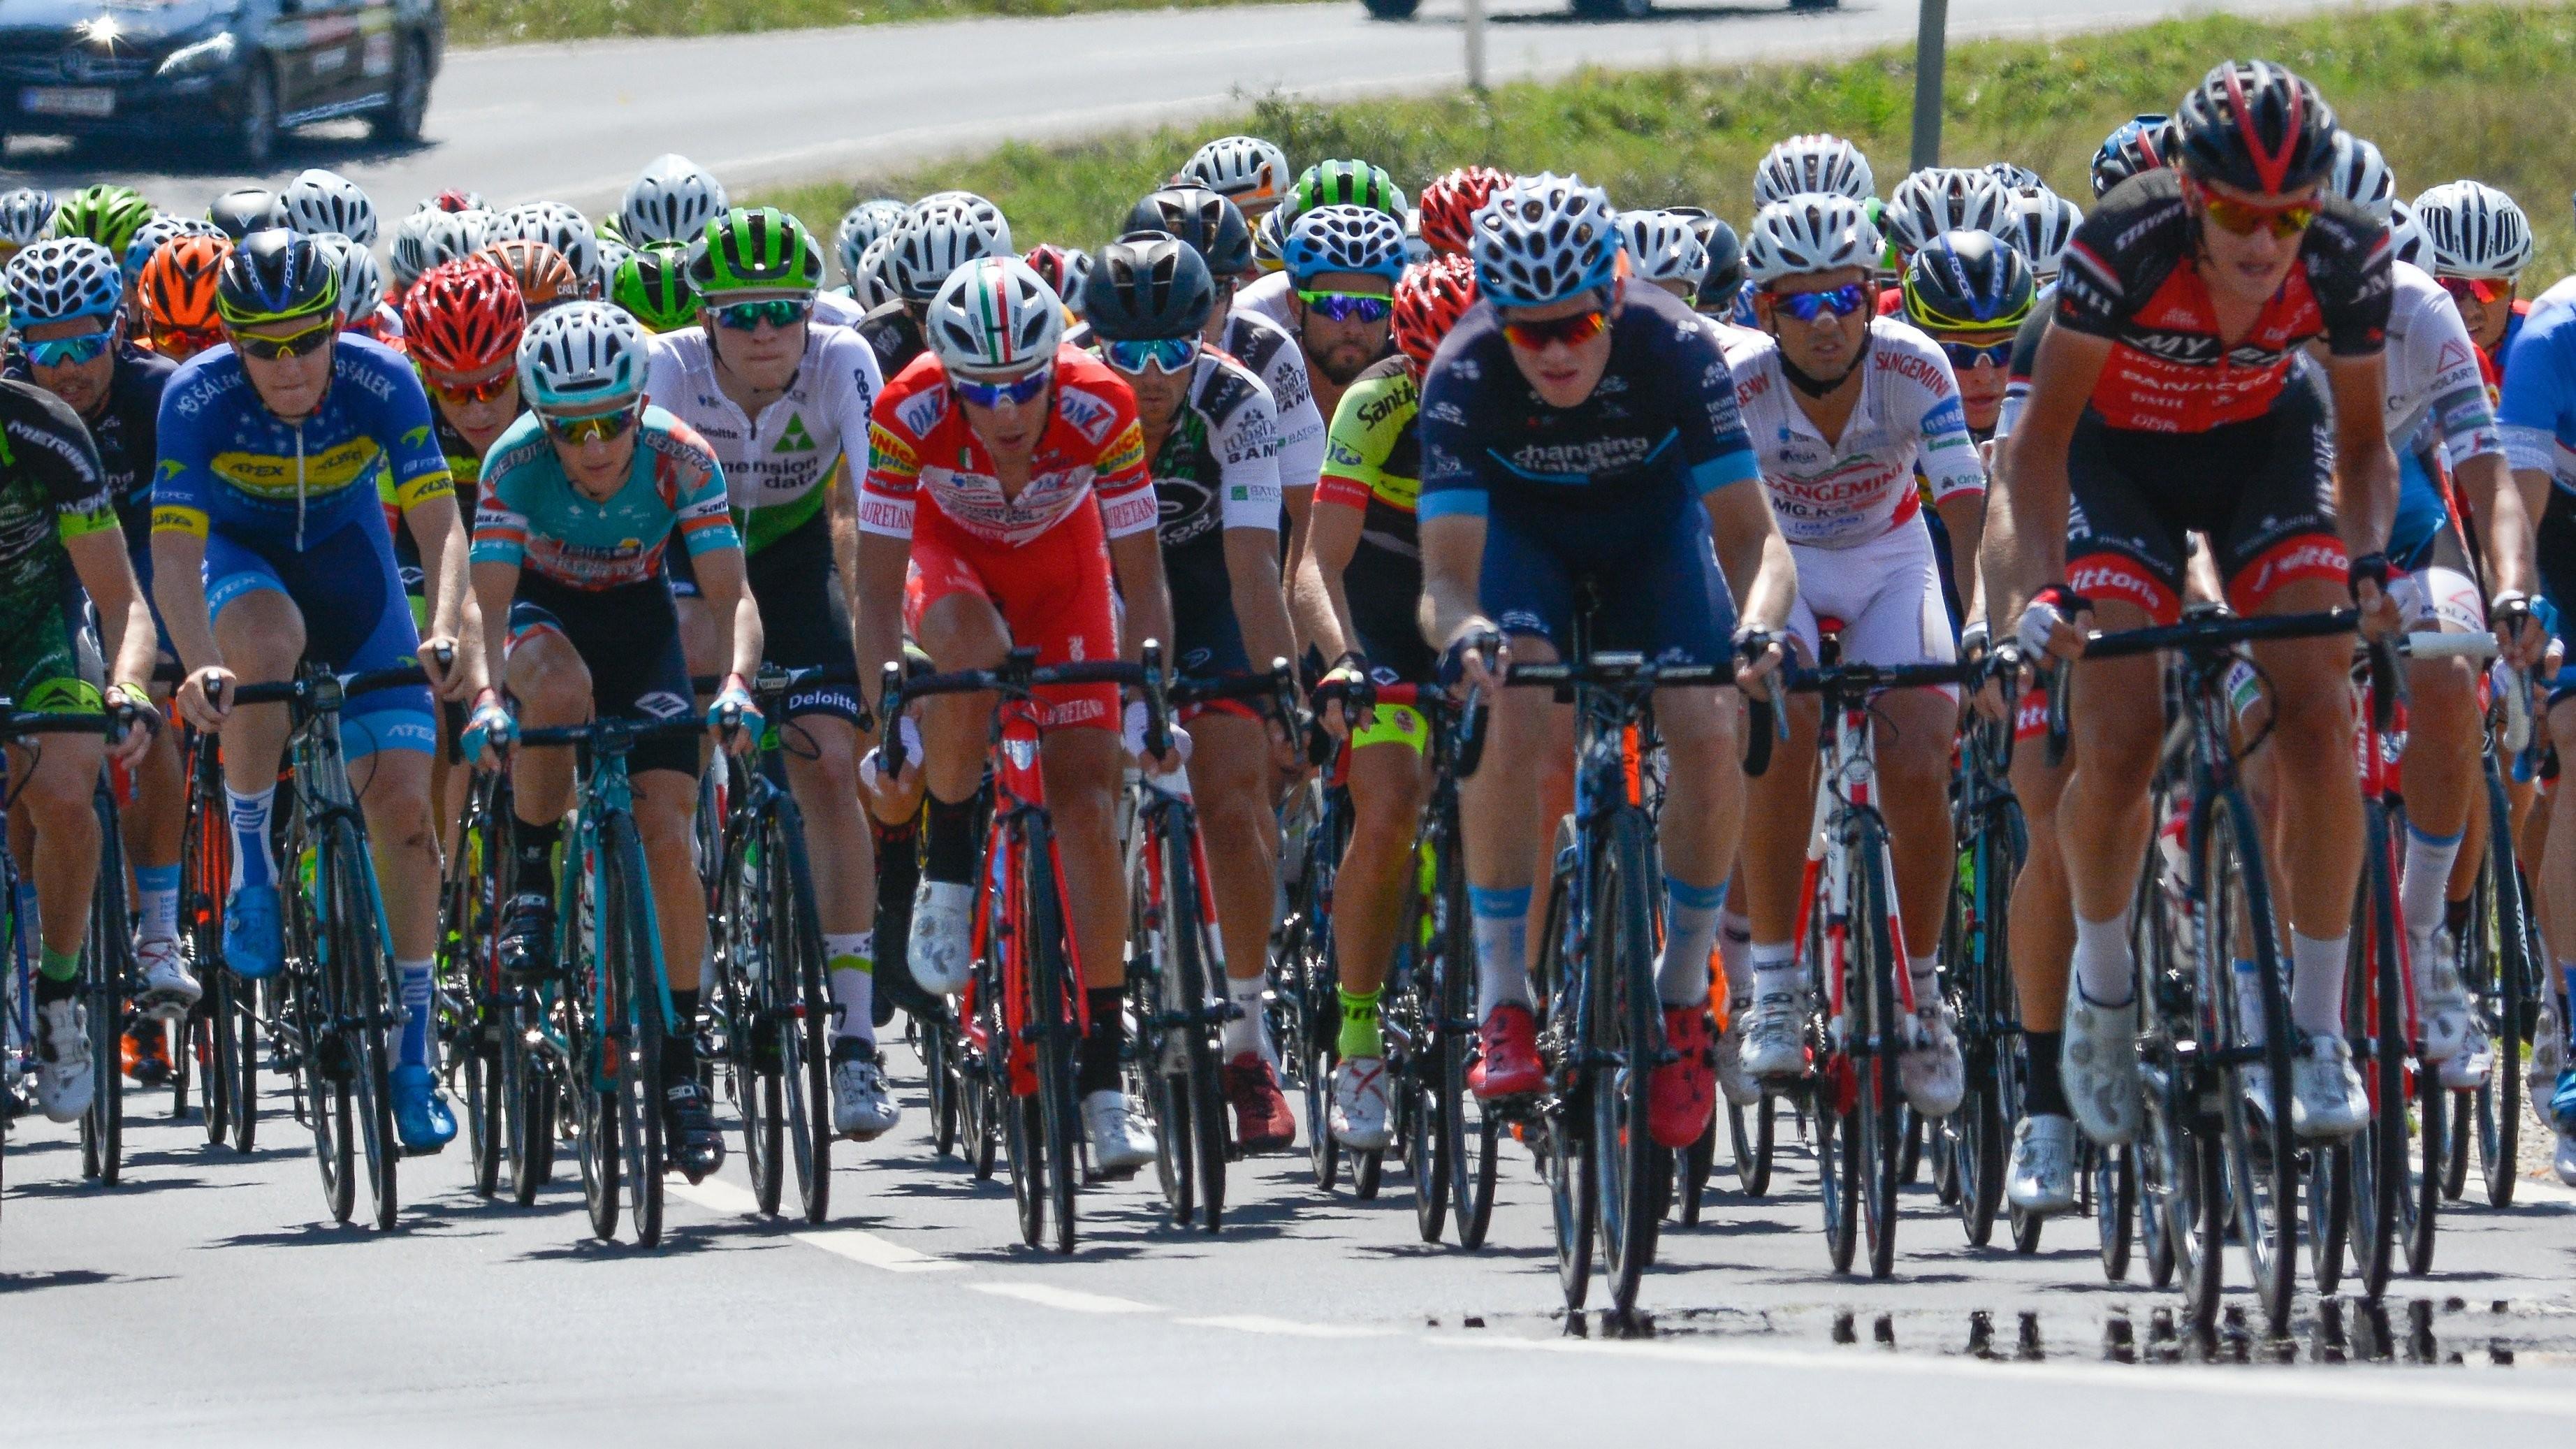 Tour de Hongrie 5. szakasz - Az összetett végeredmény a 39.Tourde Hongrie-n